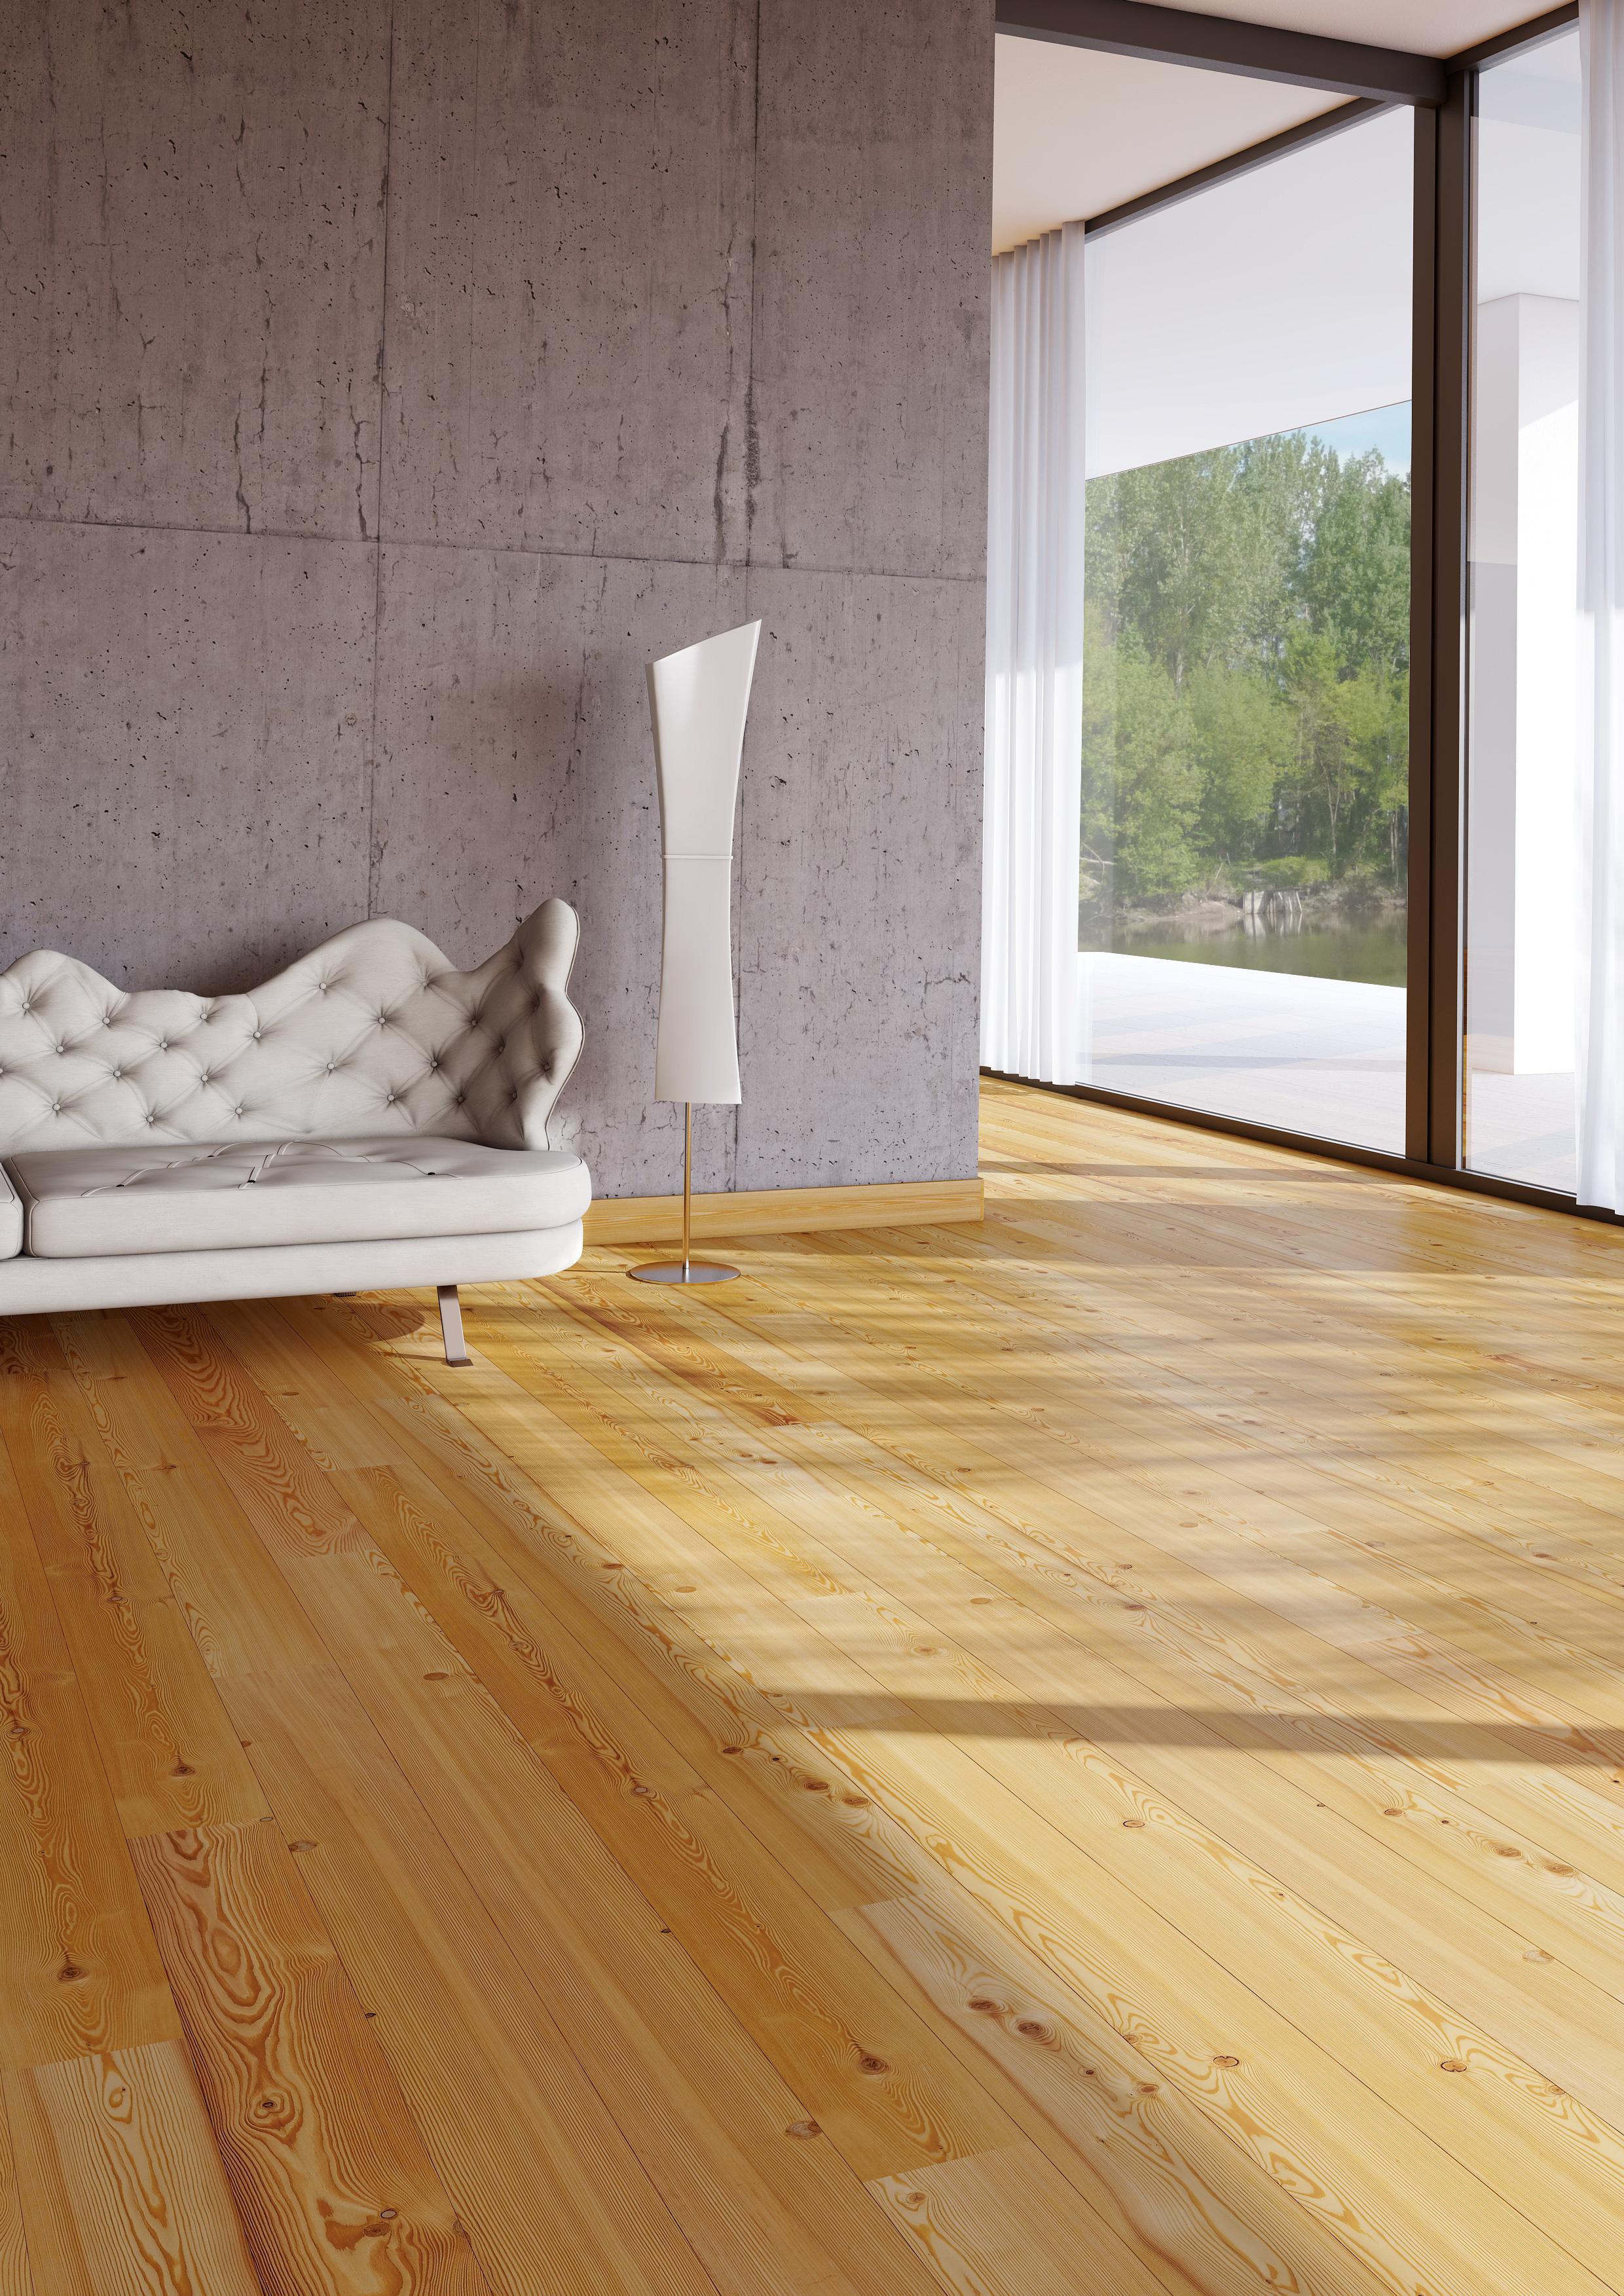 par classic calgaryldx 25 laerche geb villa v4 naturaoel. Black Bedroom Furniture Sets. Home Design Ideas